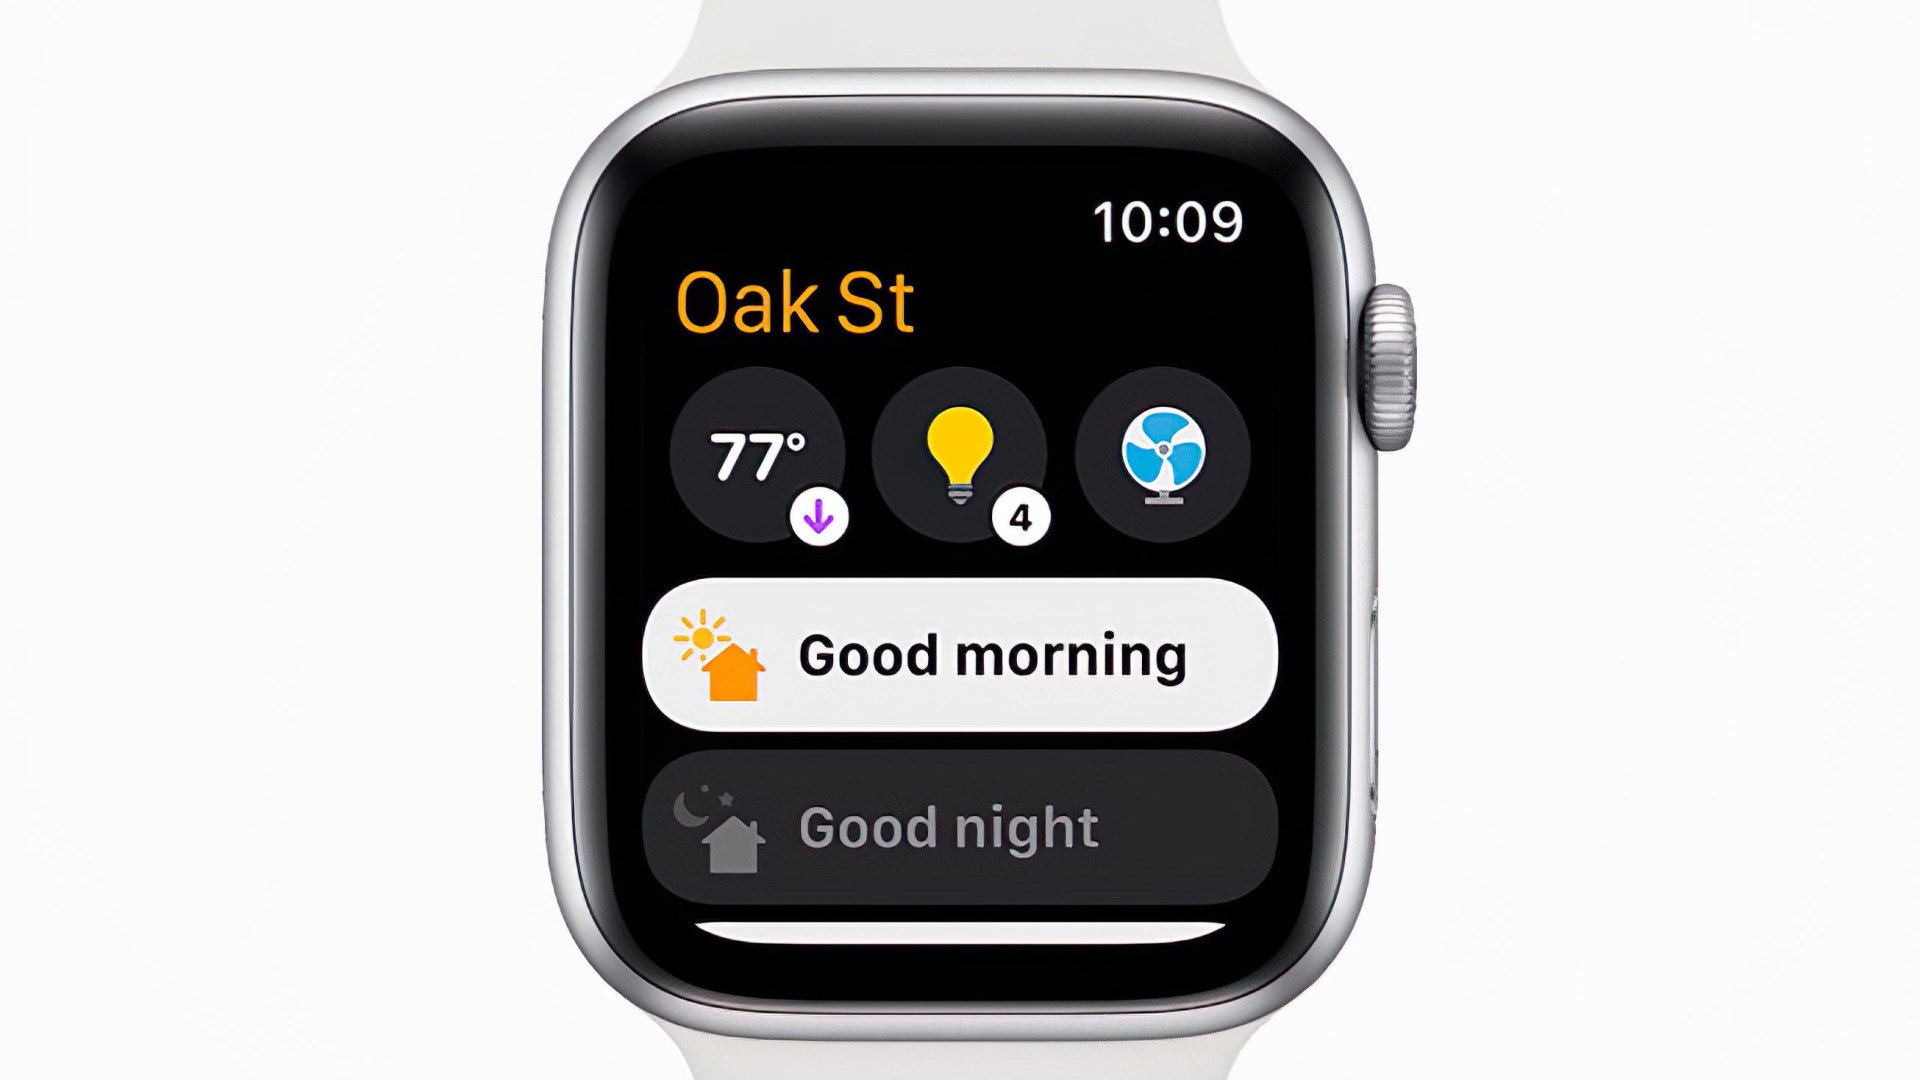 Apple, Update, iOS, Apple Watch, Wwdc, WatchOS, WWDC 2021, WatchOS 8